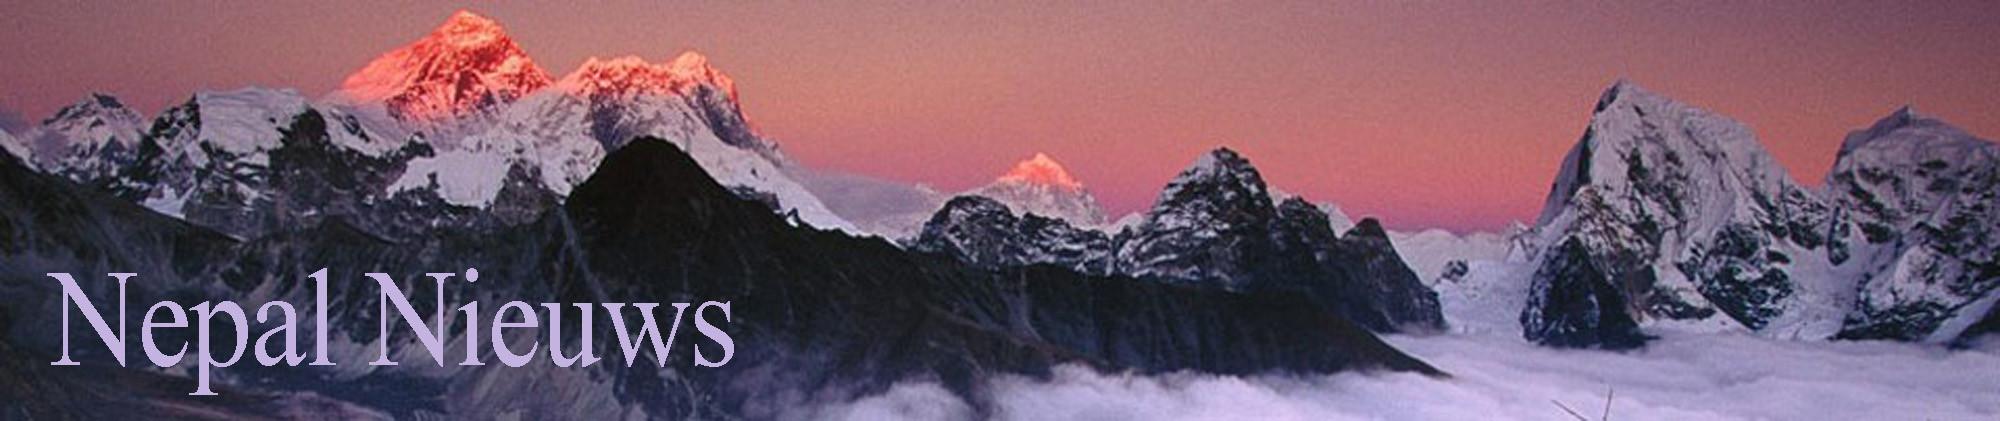 Nepal Nieuws